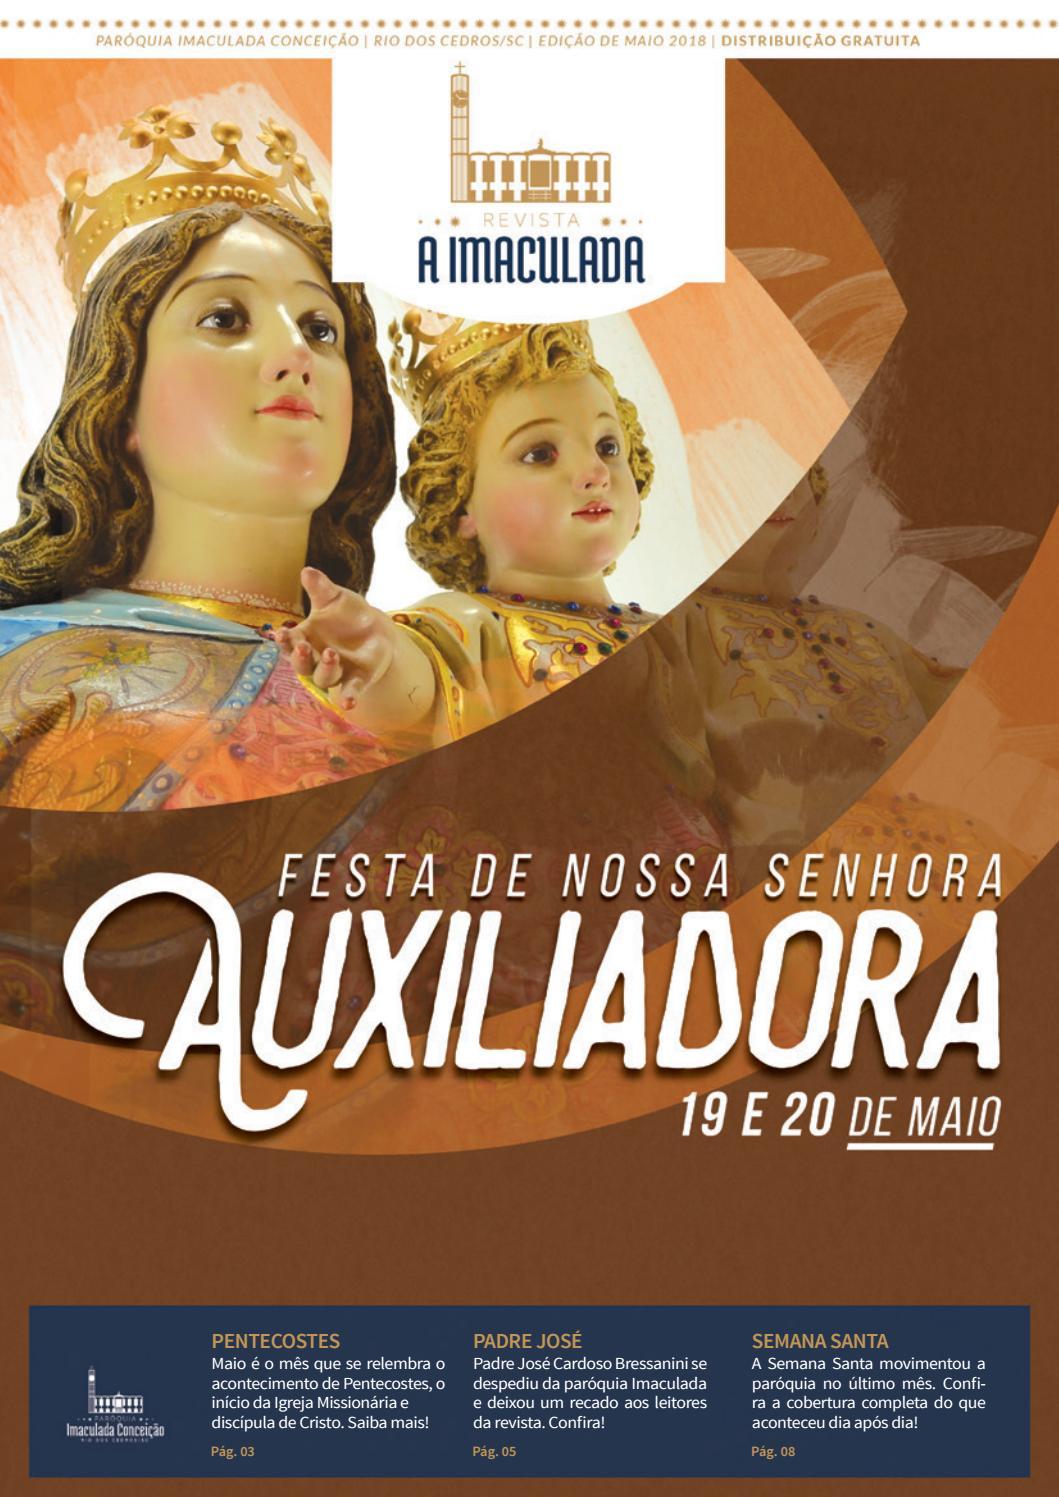 Revista A Imaculada - Edição Maio de 2018 by Agência Arcanjo - issuu bf15018a21